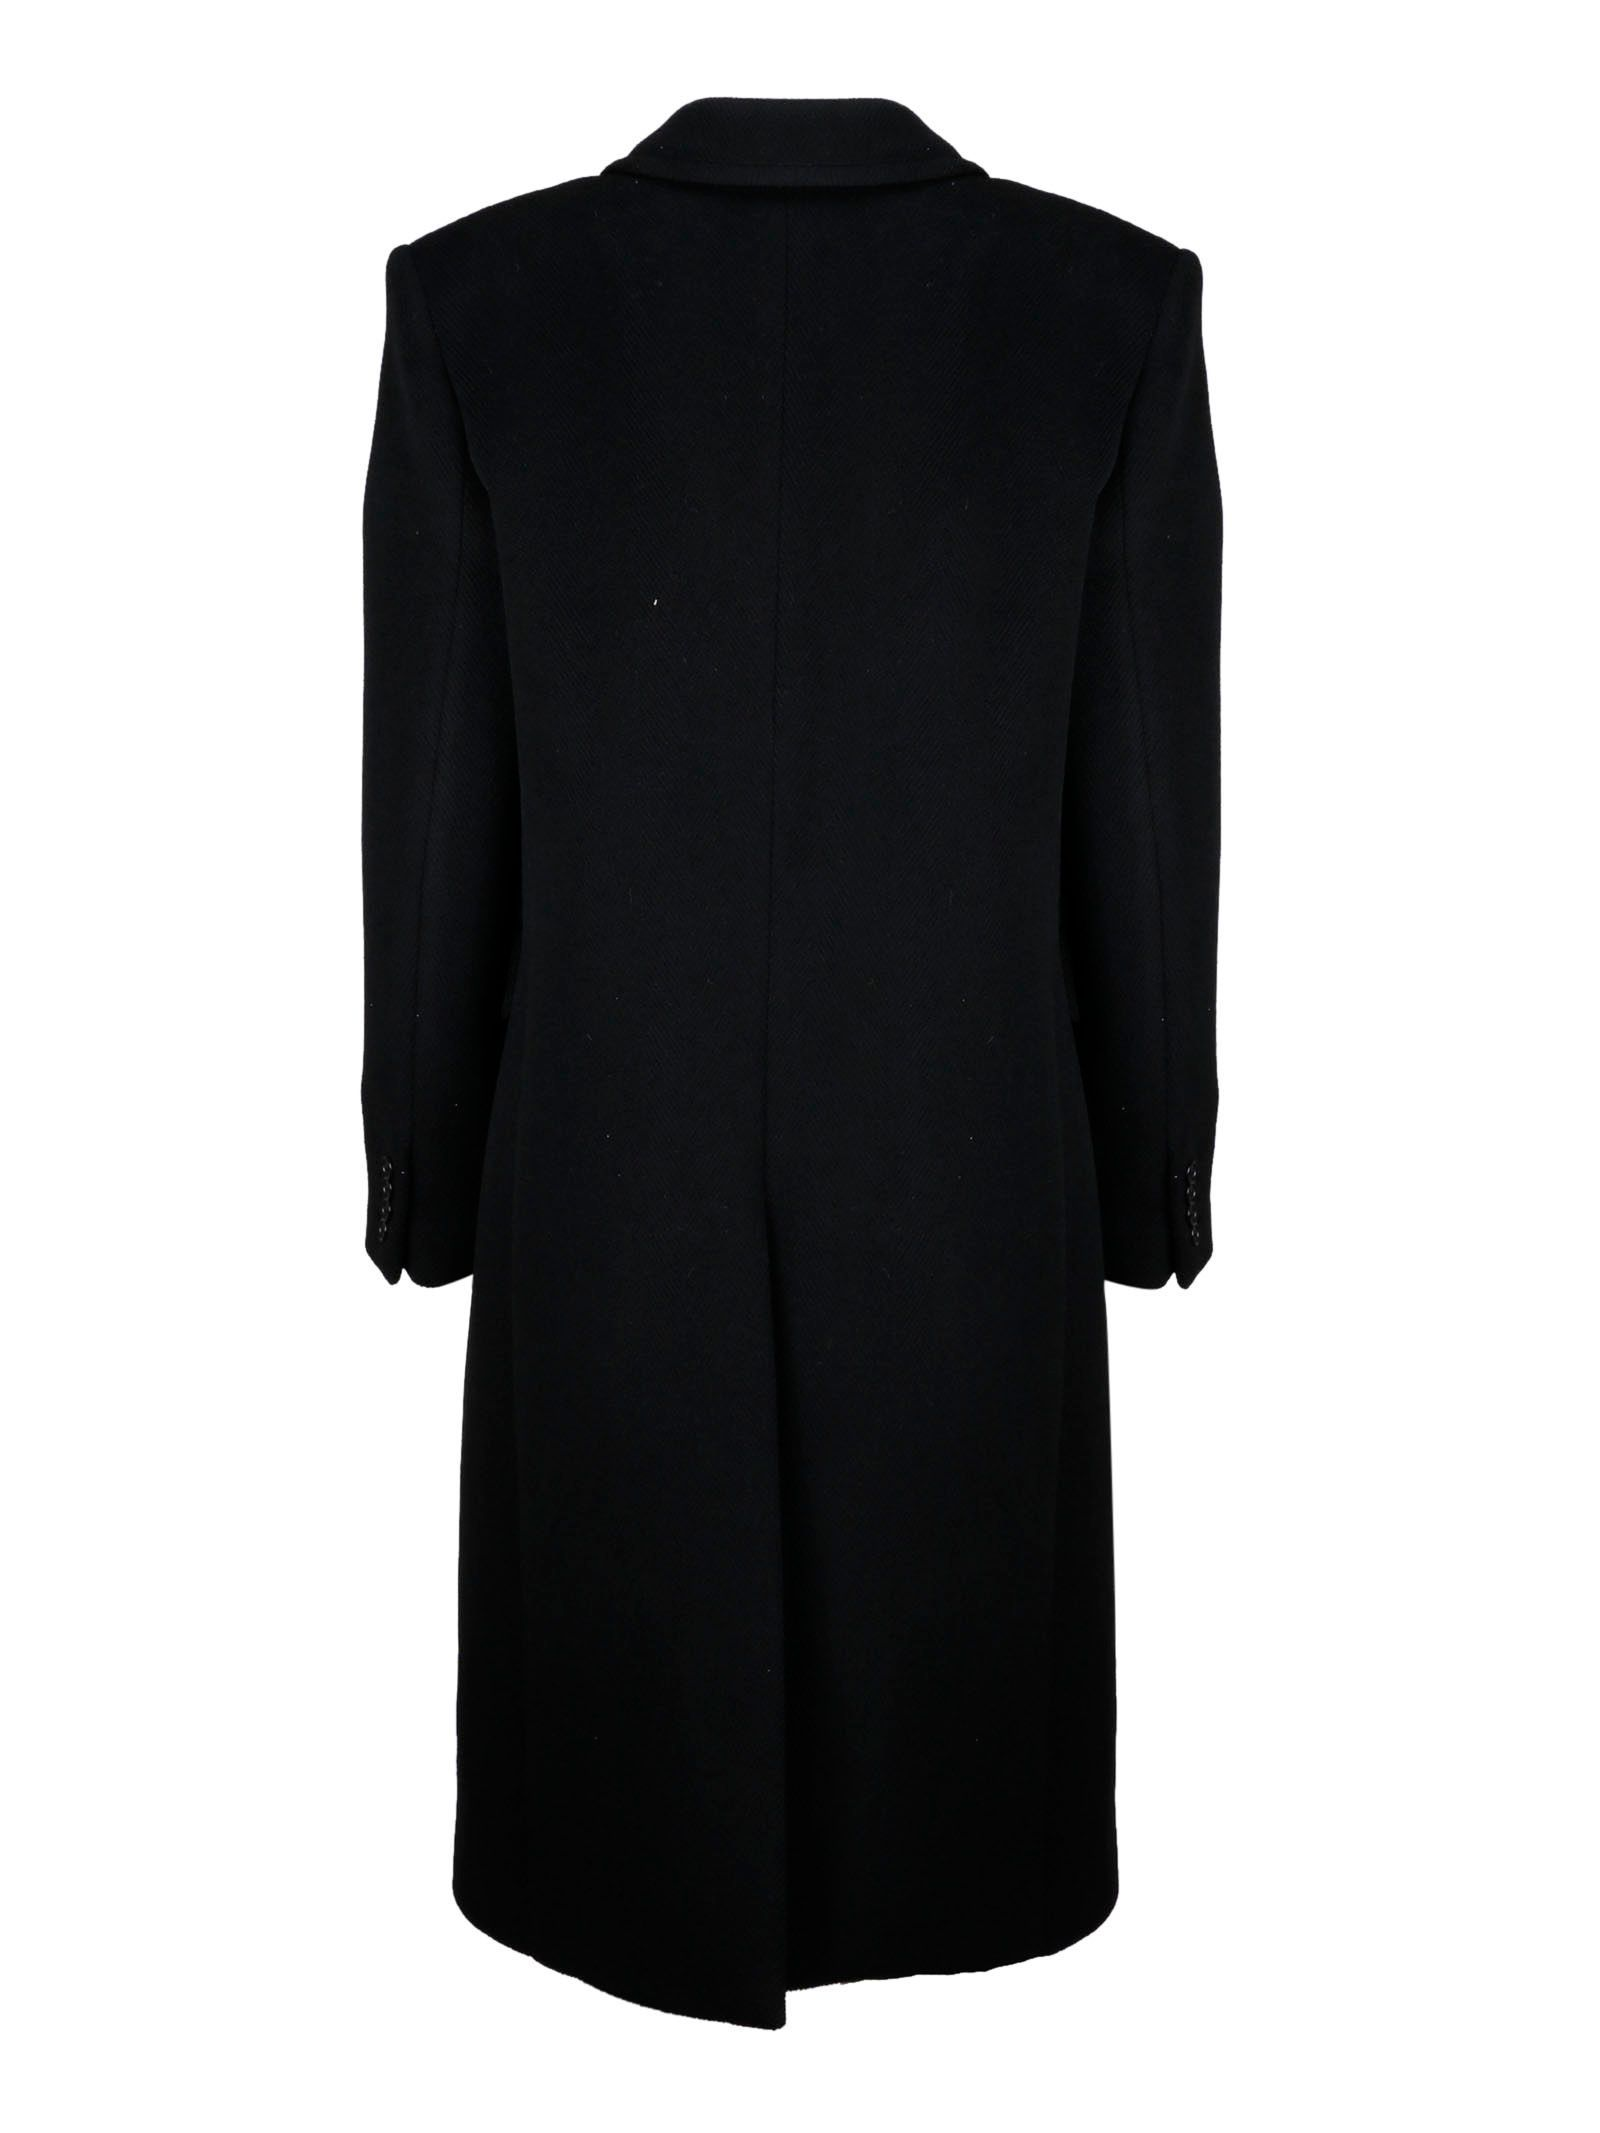 SAINT LAURENT WOMEN'S 588359Y632N1000 BLACK WOOL COAT